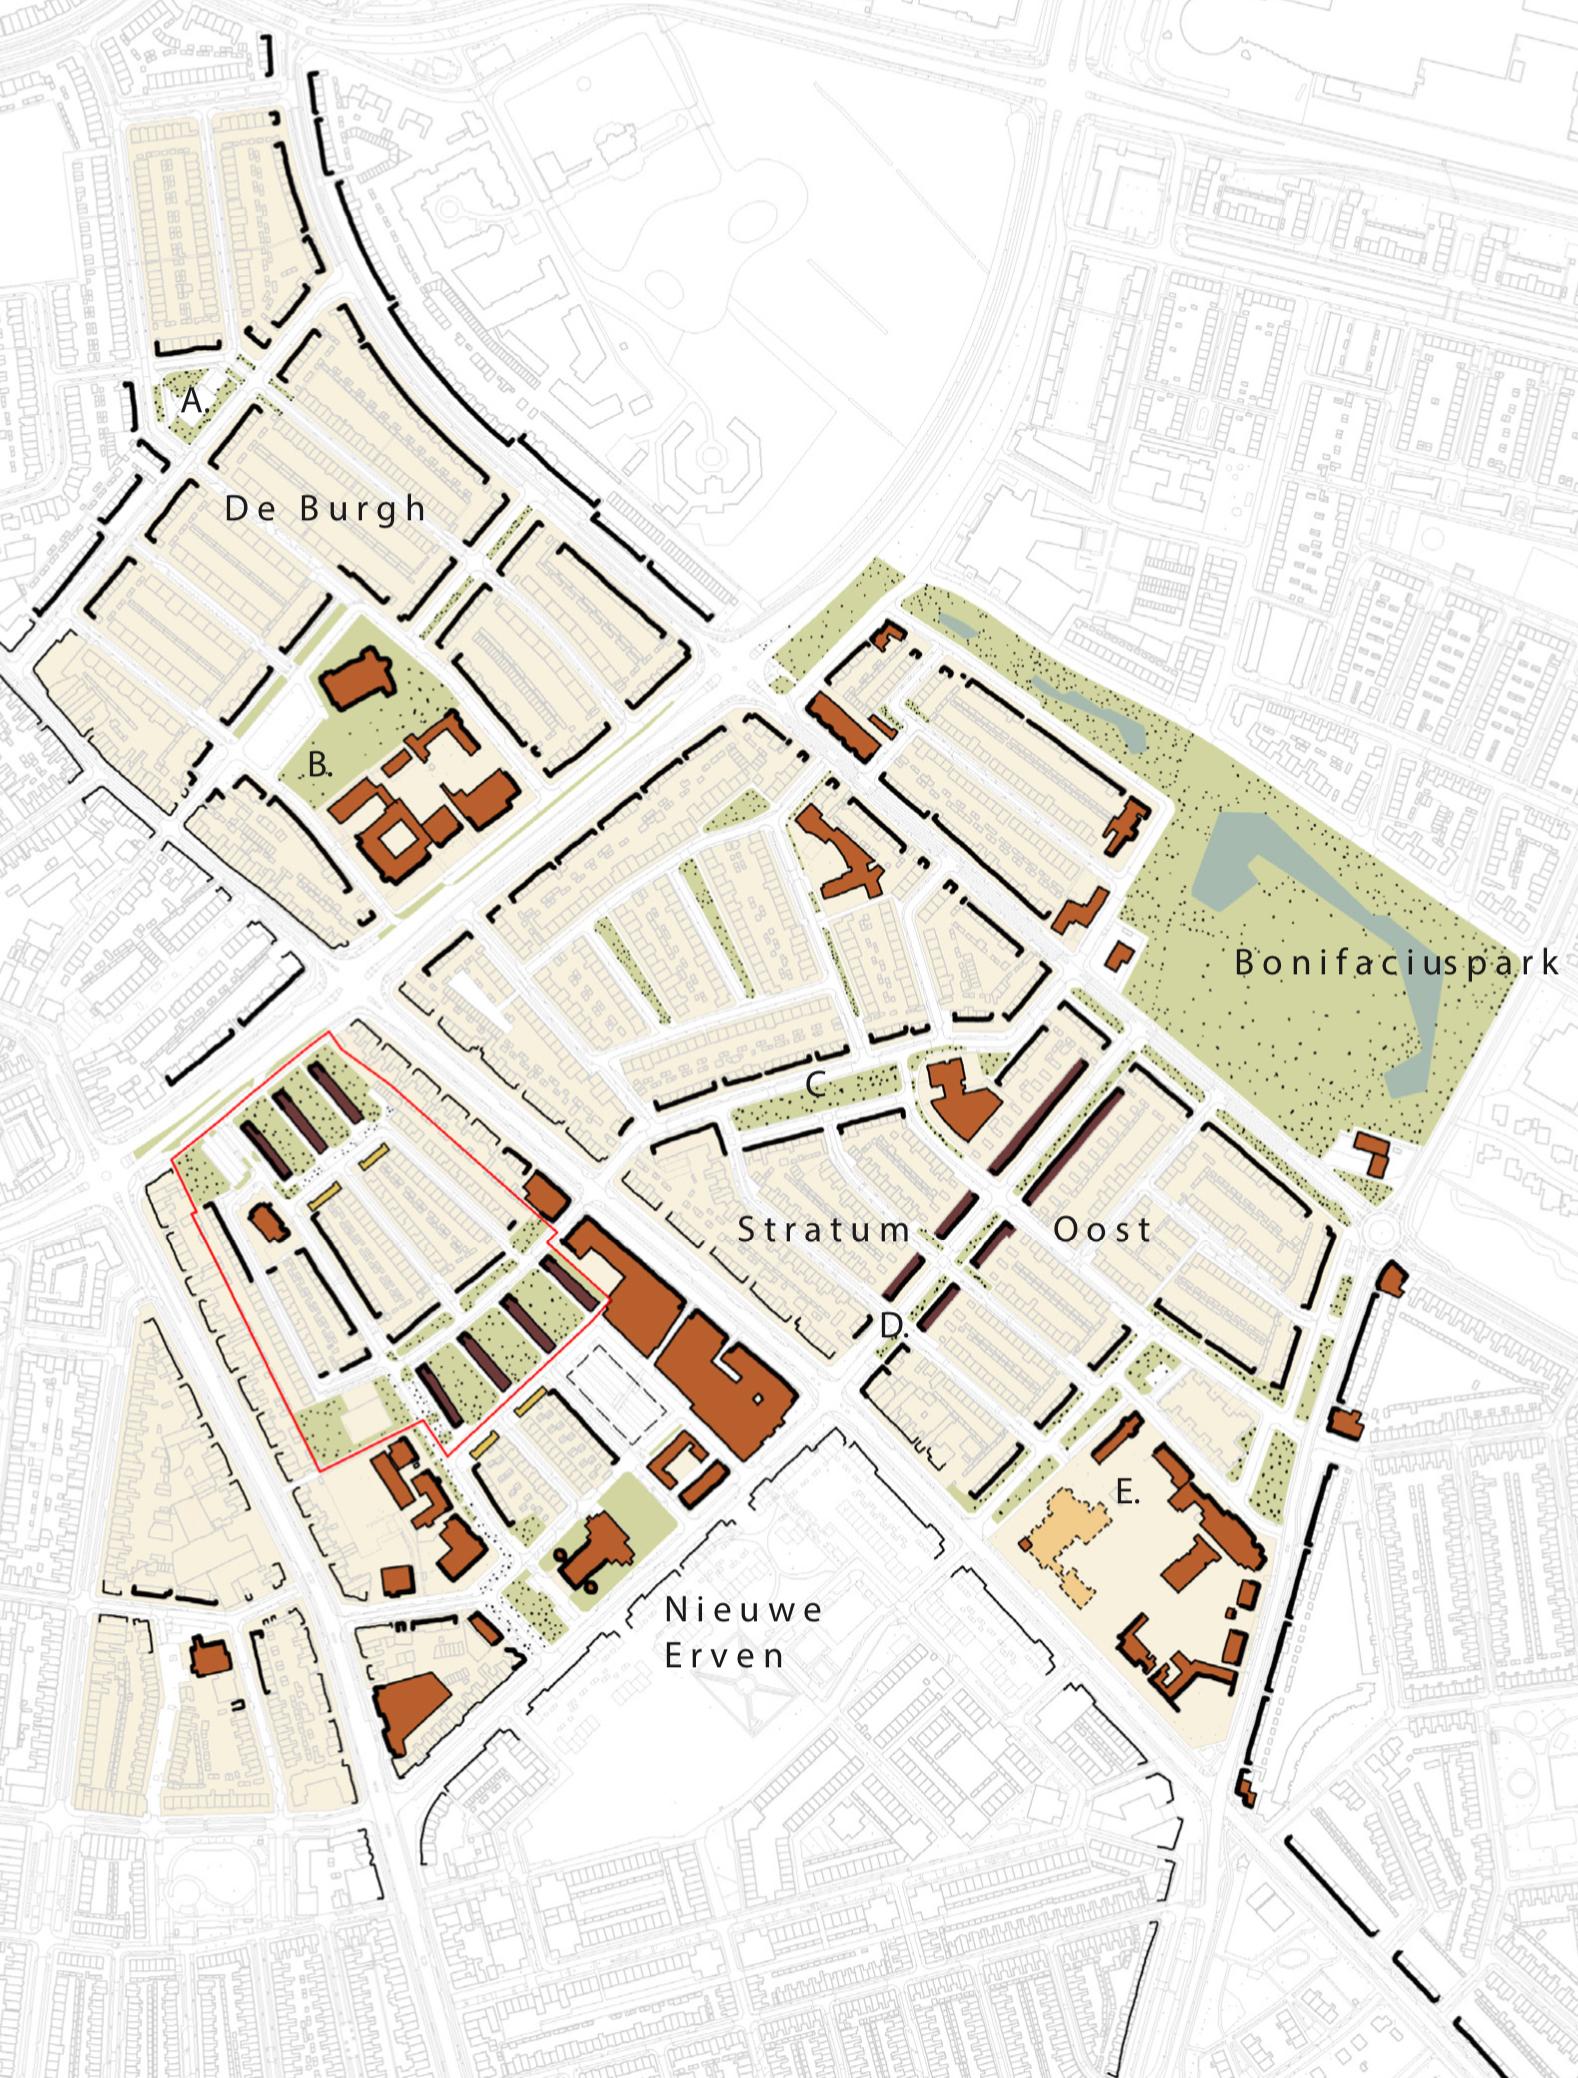 vanmeijel-cultuurhistorie-erfgoed-stedenbouw